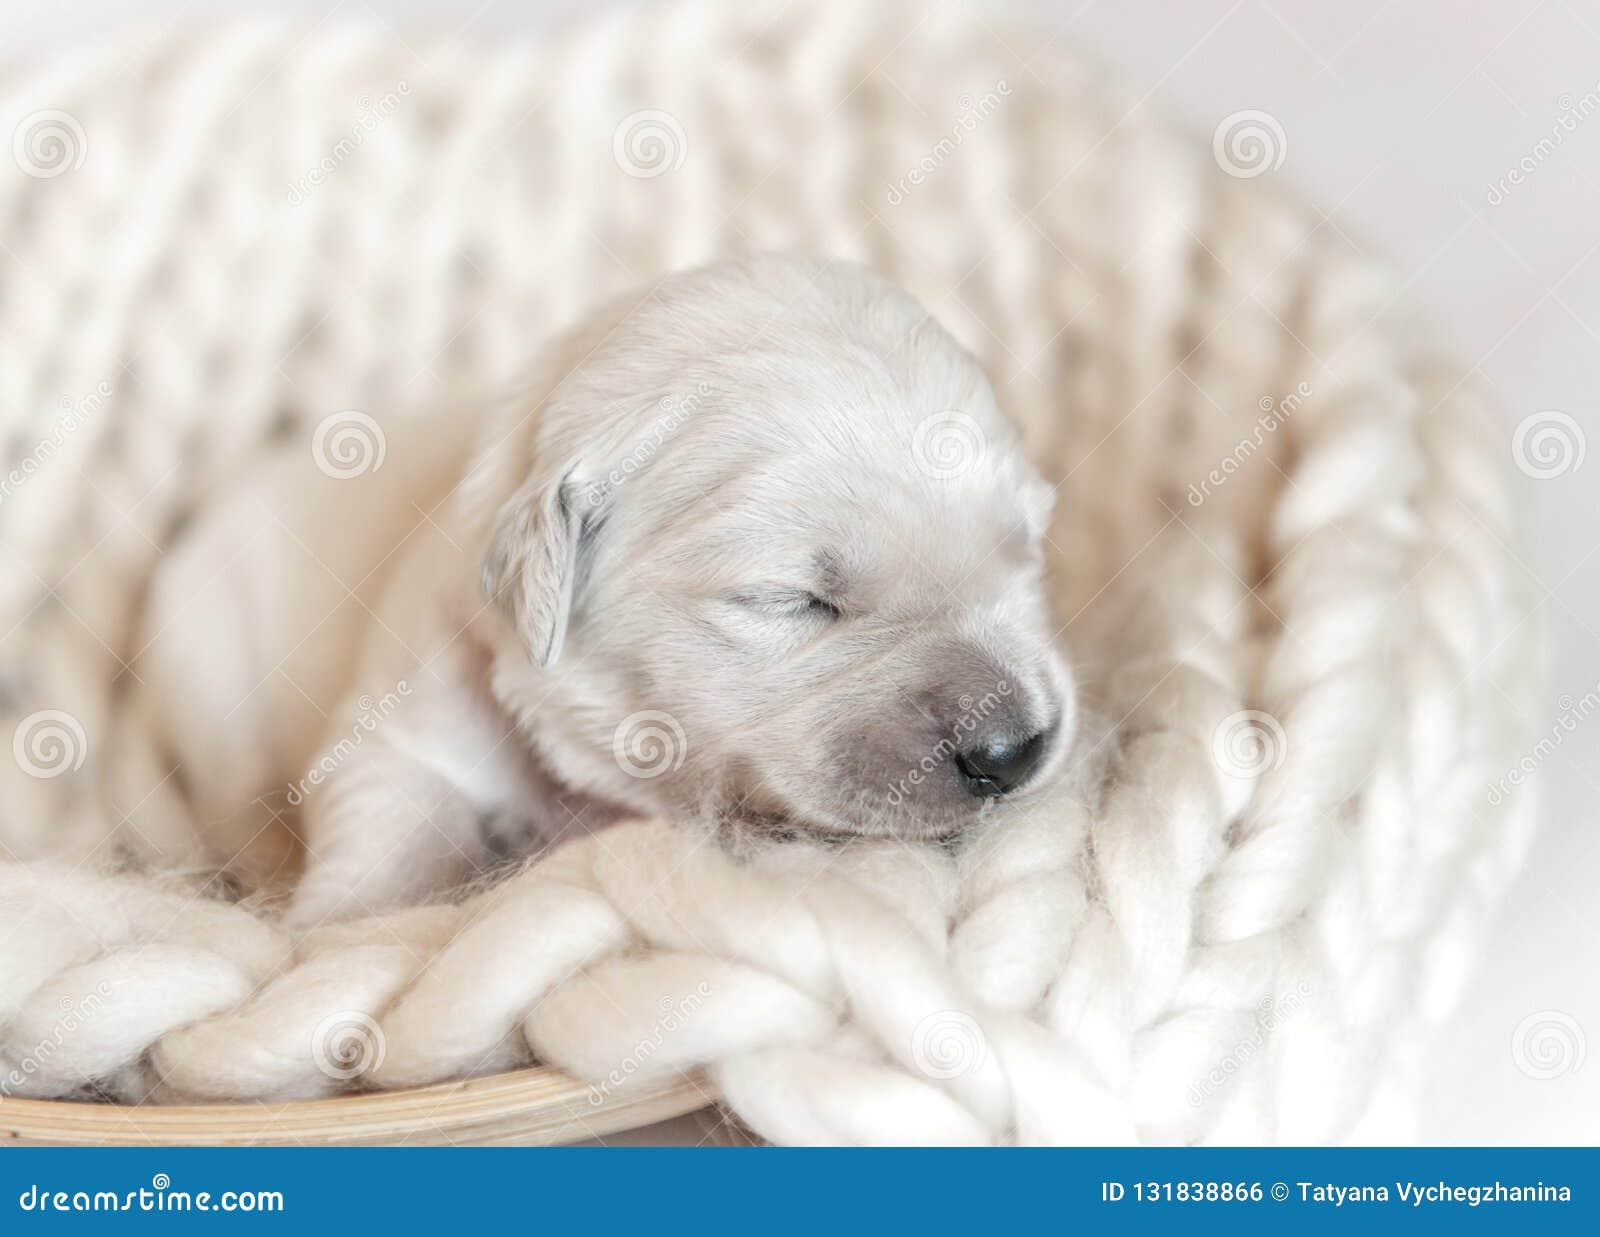 closeup of cute fluffy newborn golden retriever puppy sleeping stock